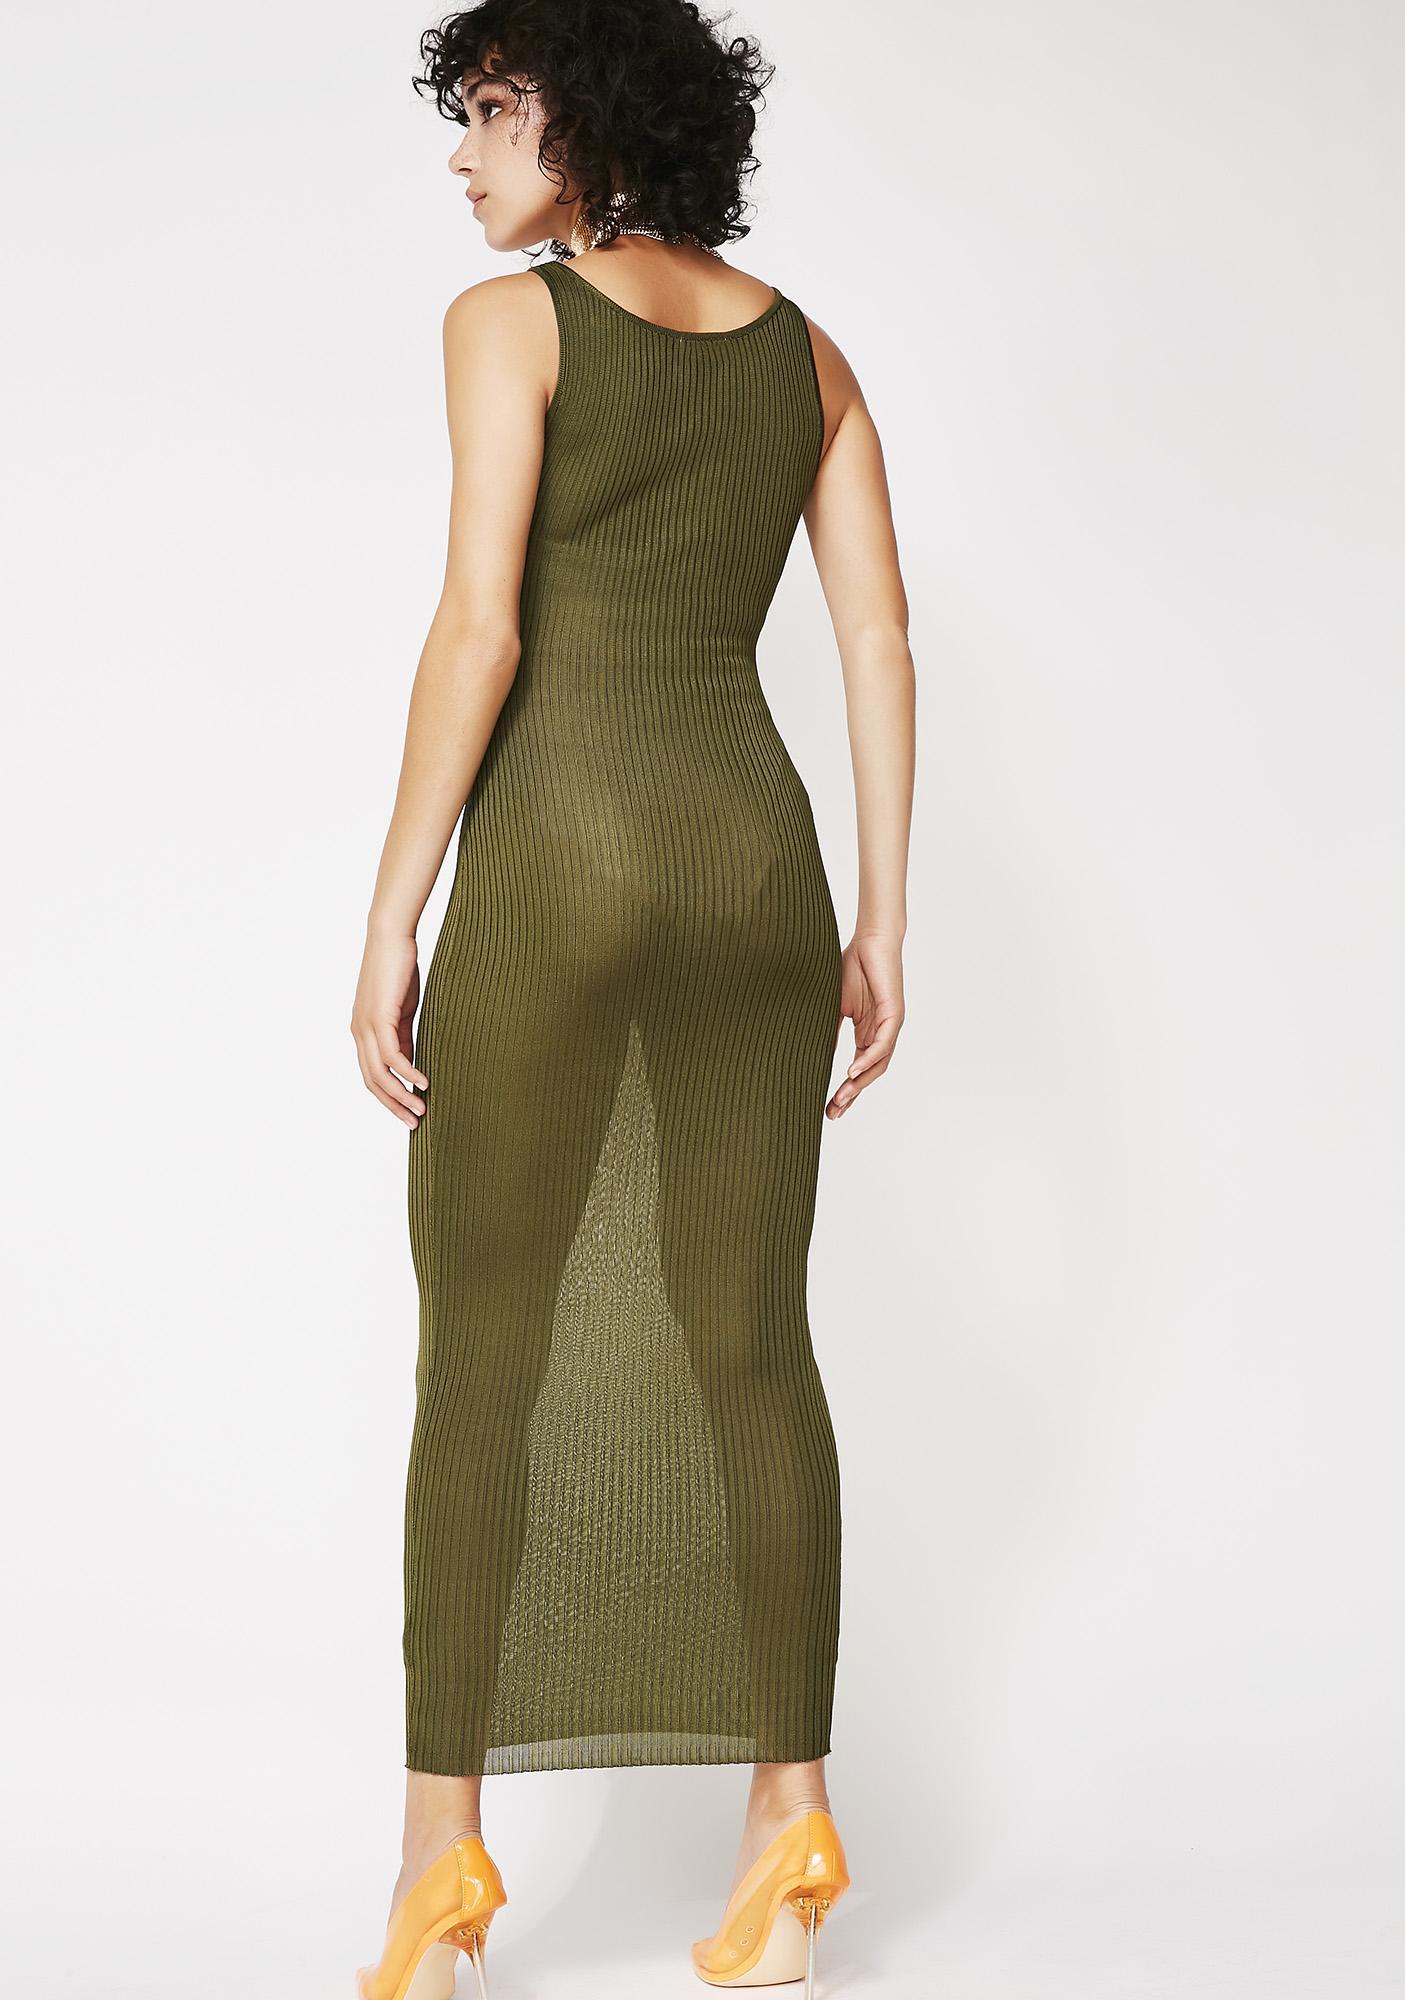 Sheer Mischief Midi Dress